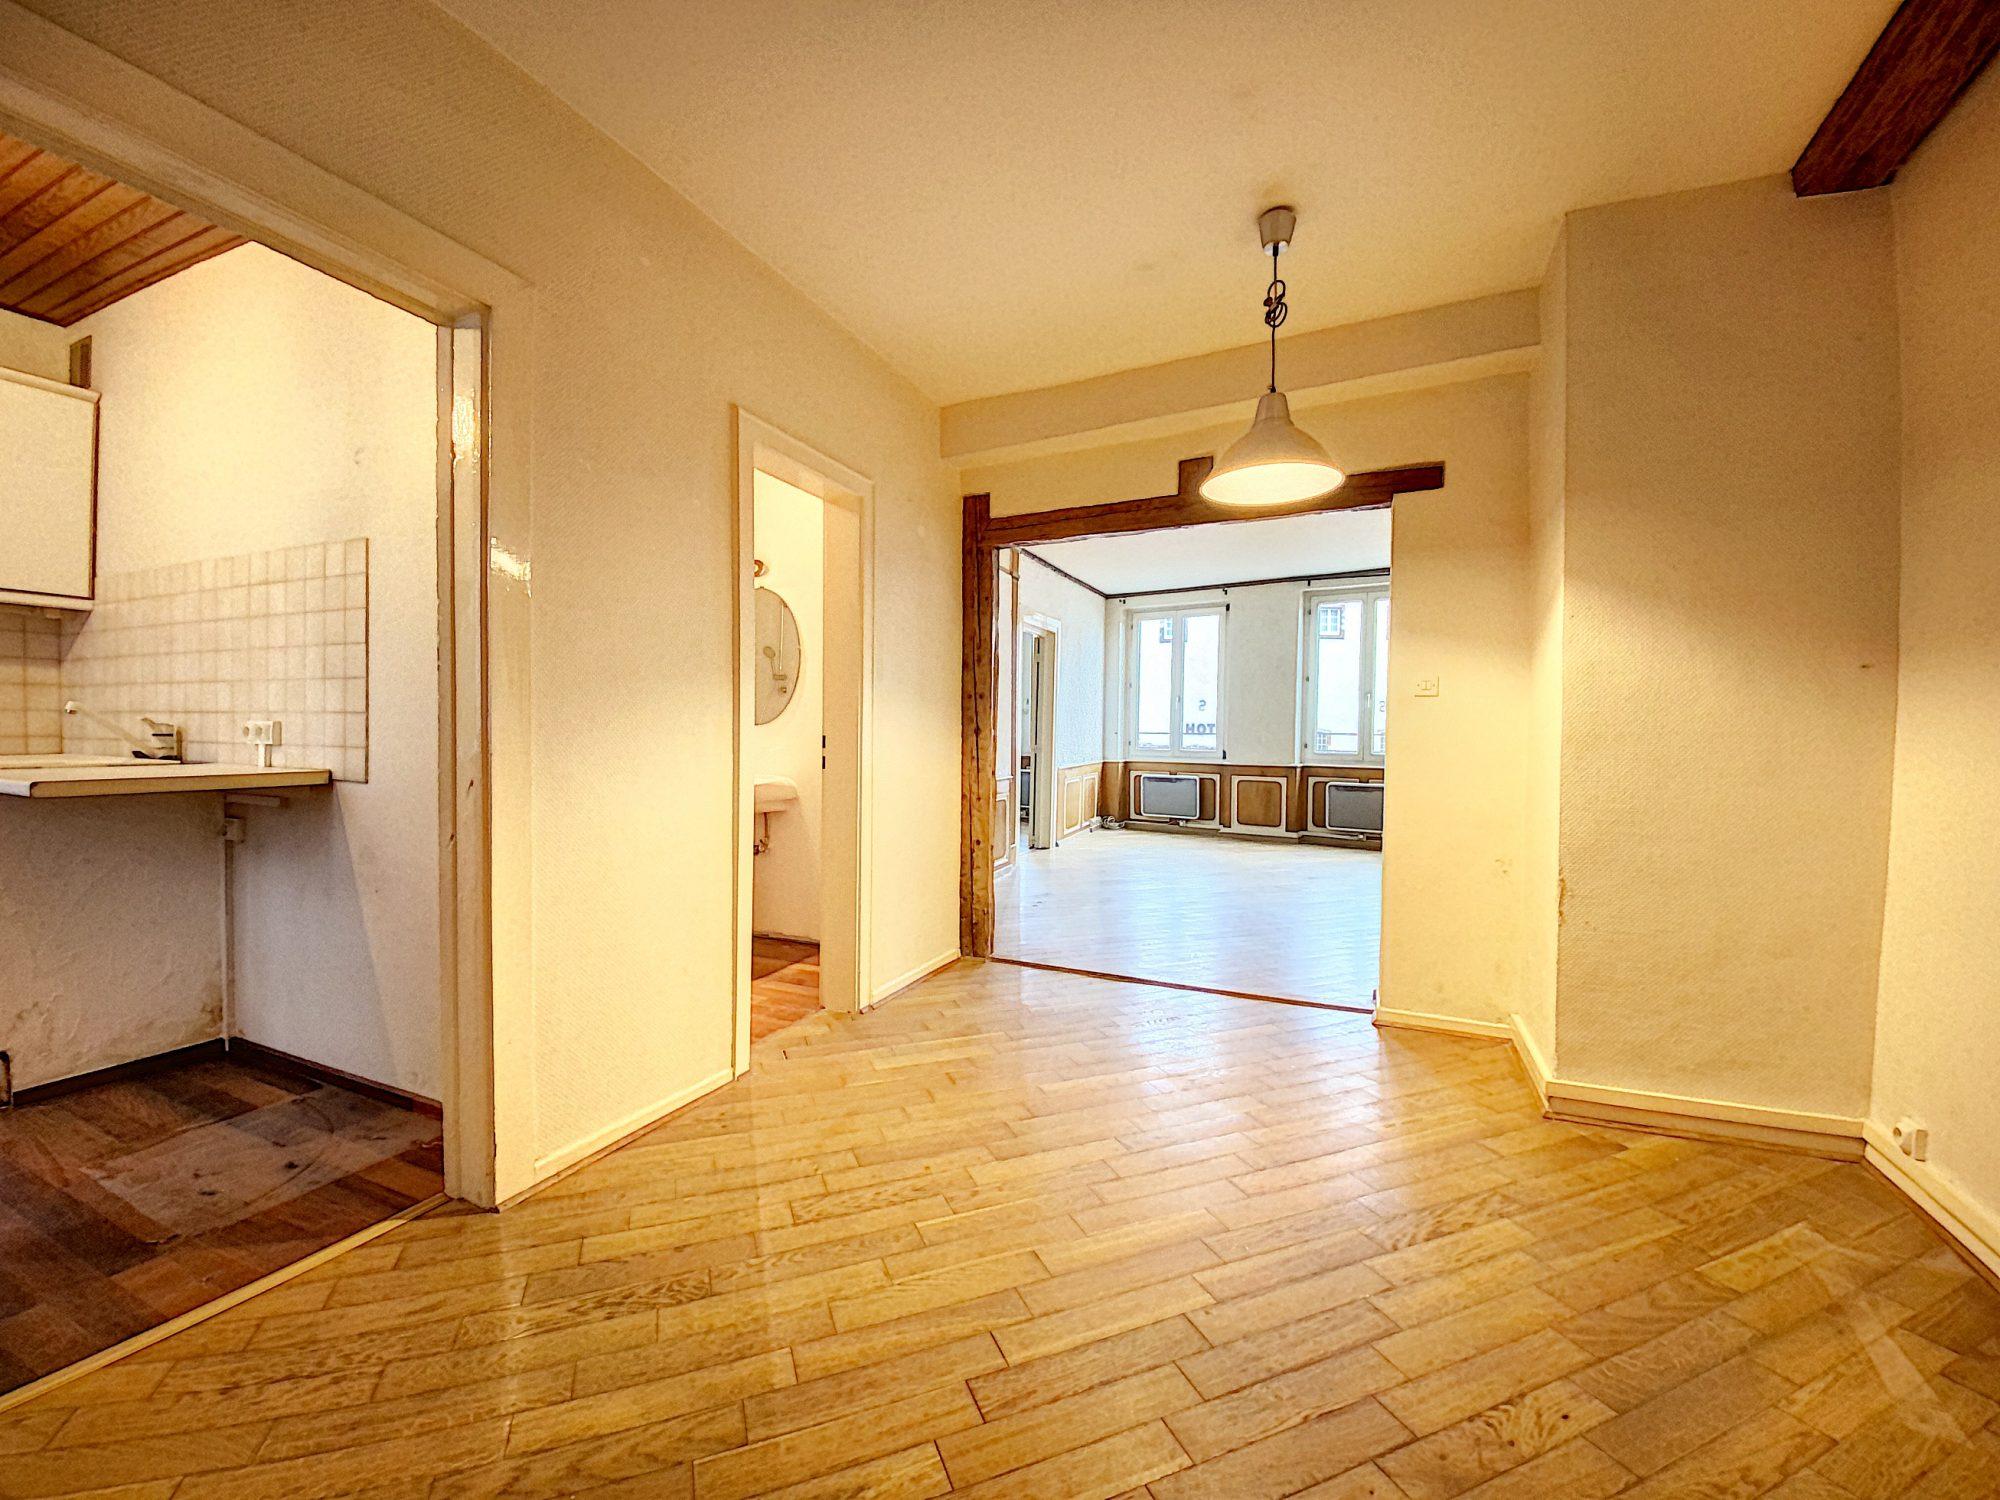 T2 PETITE FRANCE - Devenez locataire en toute sérénité - Bintz Immobilier - 5